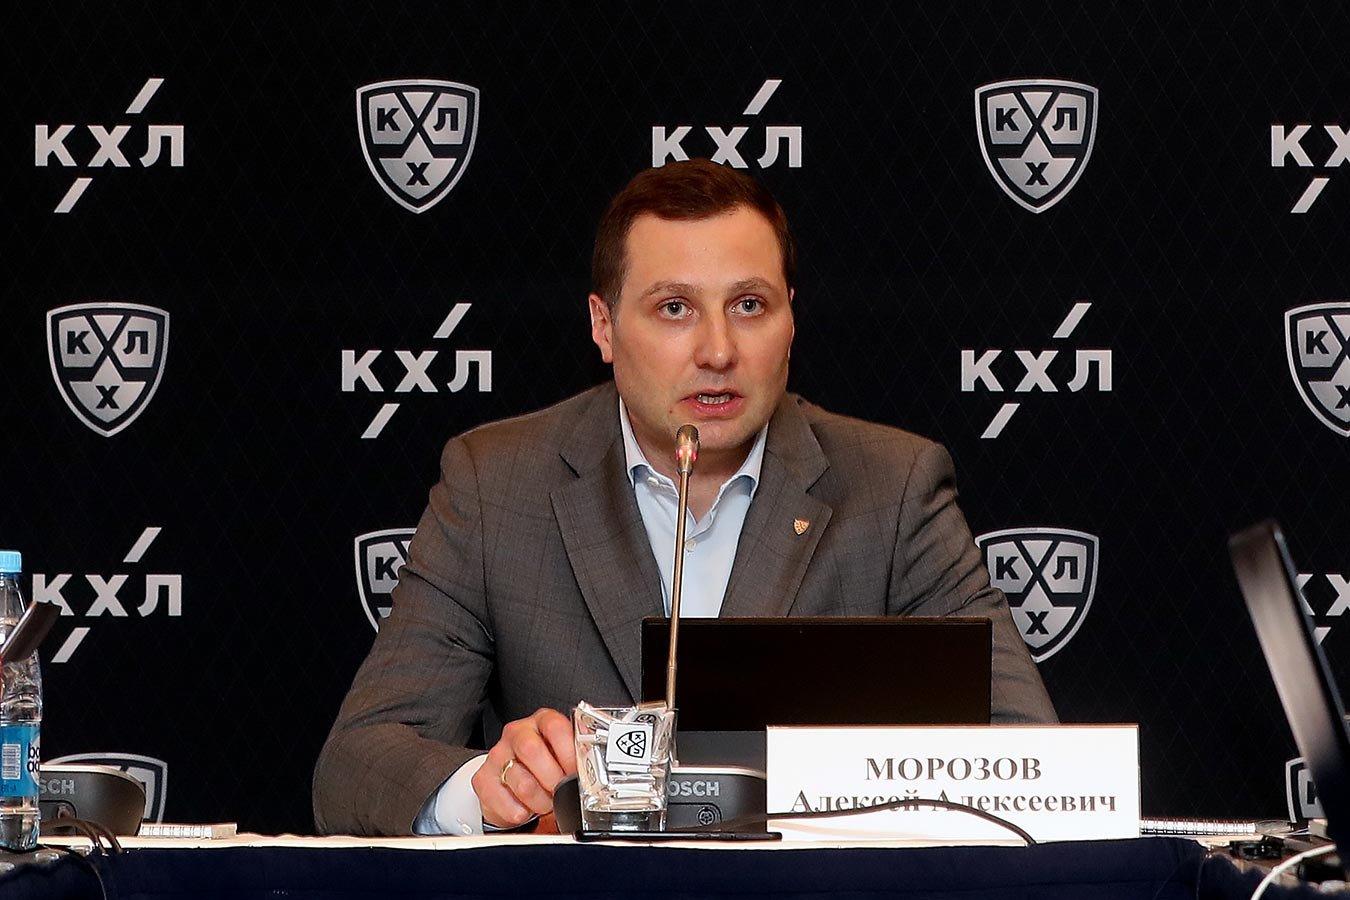 Президент КХЛ Морозов прокомментировал ситуацию с капитаном «Авангарда» Емелиным